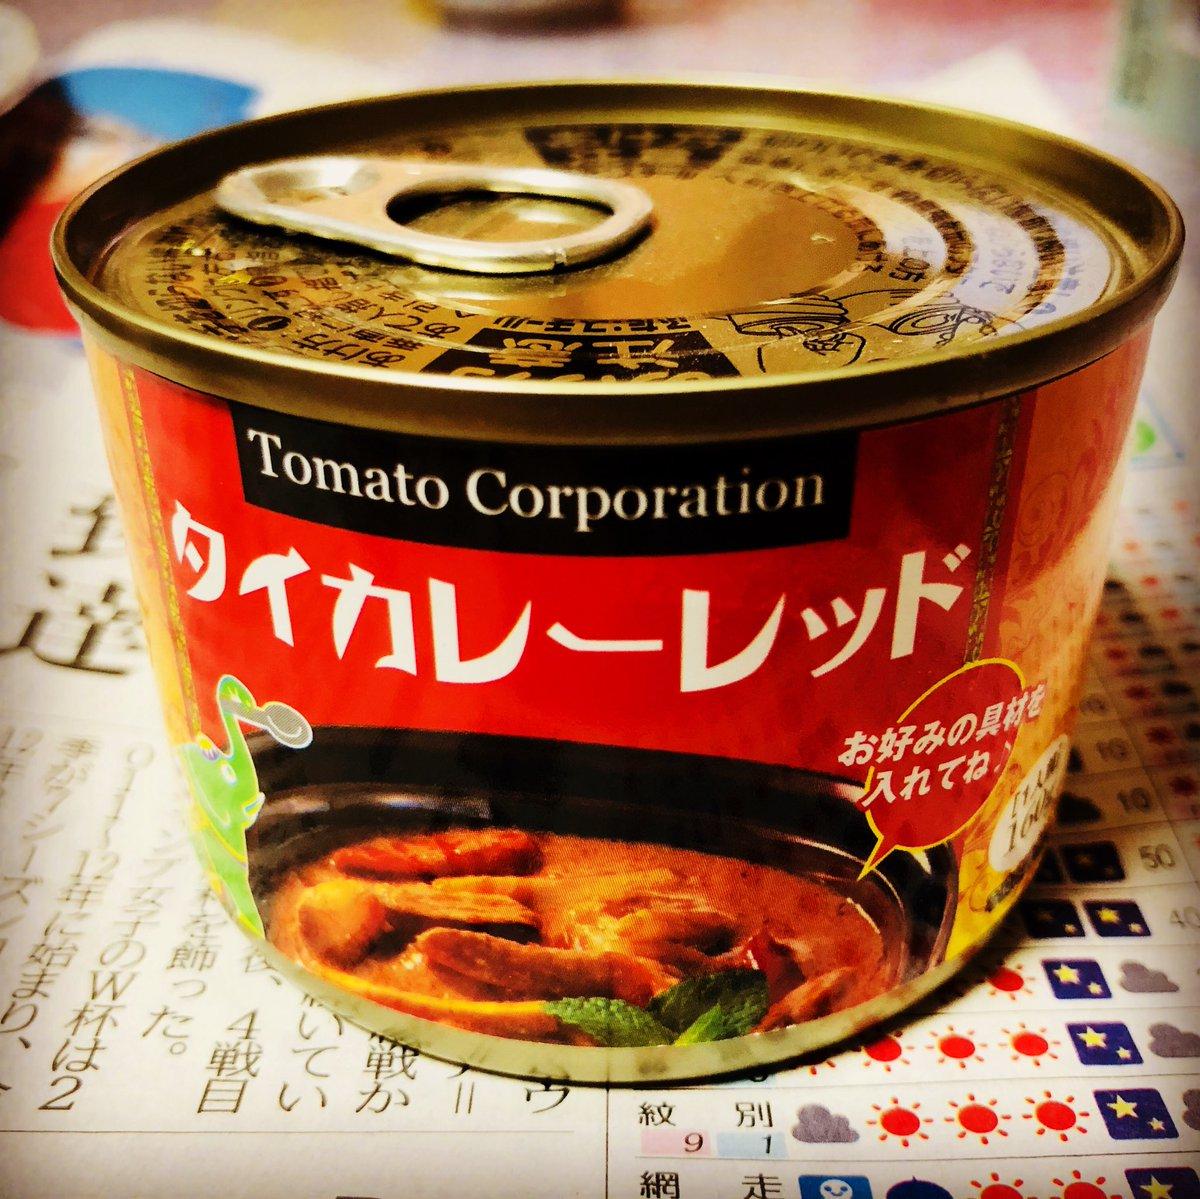 test ツイッターメディア - 昔食った時苦手だったんだけど、あえて久々に食ったらうまかった!  #タイカレーレッド #ダイソー #tomatocorporation https://t.co/9koKVZTTbh